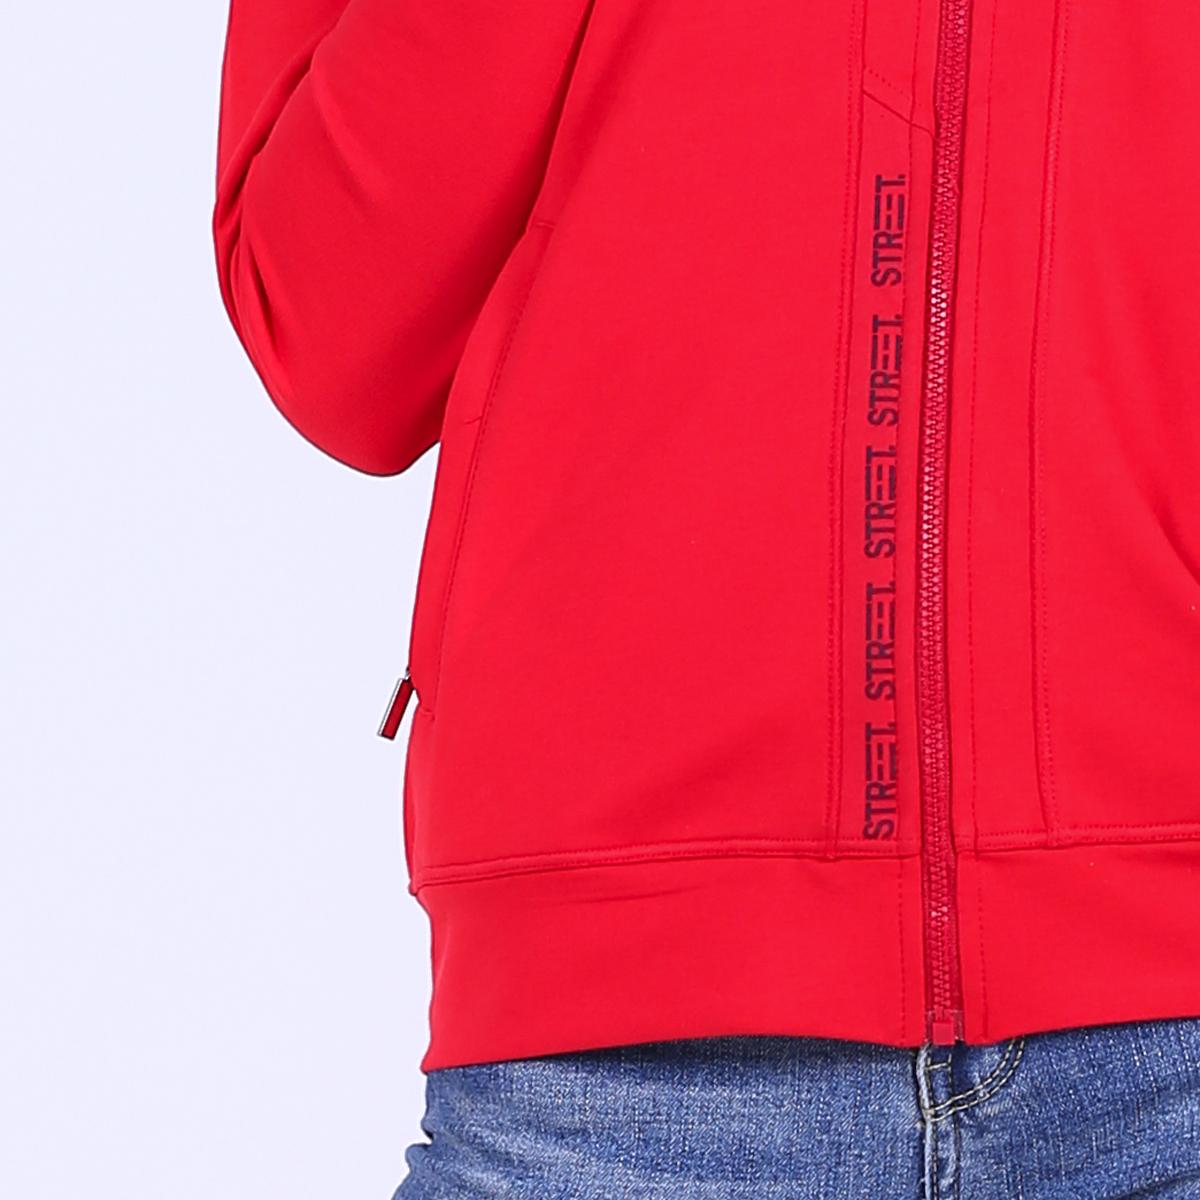 Áo khoác cao cấp có nón chống tia tử ngoại UV AKCN 141P 9753